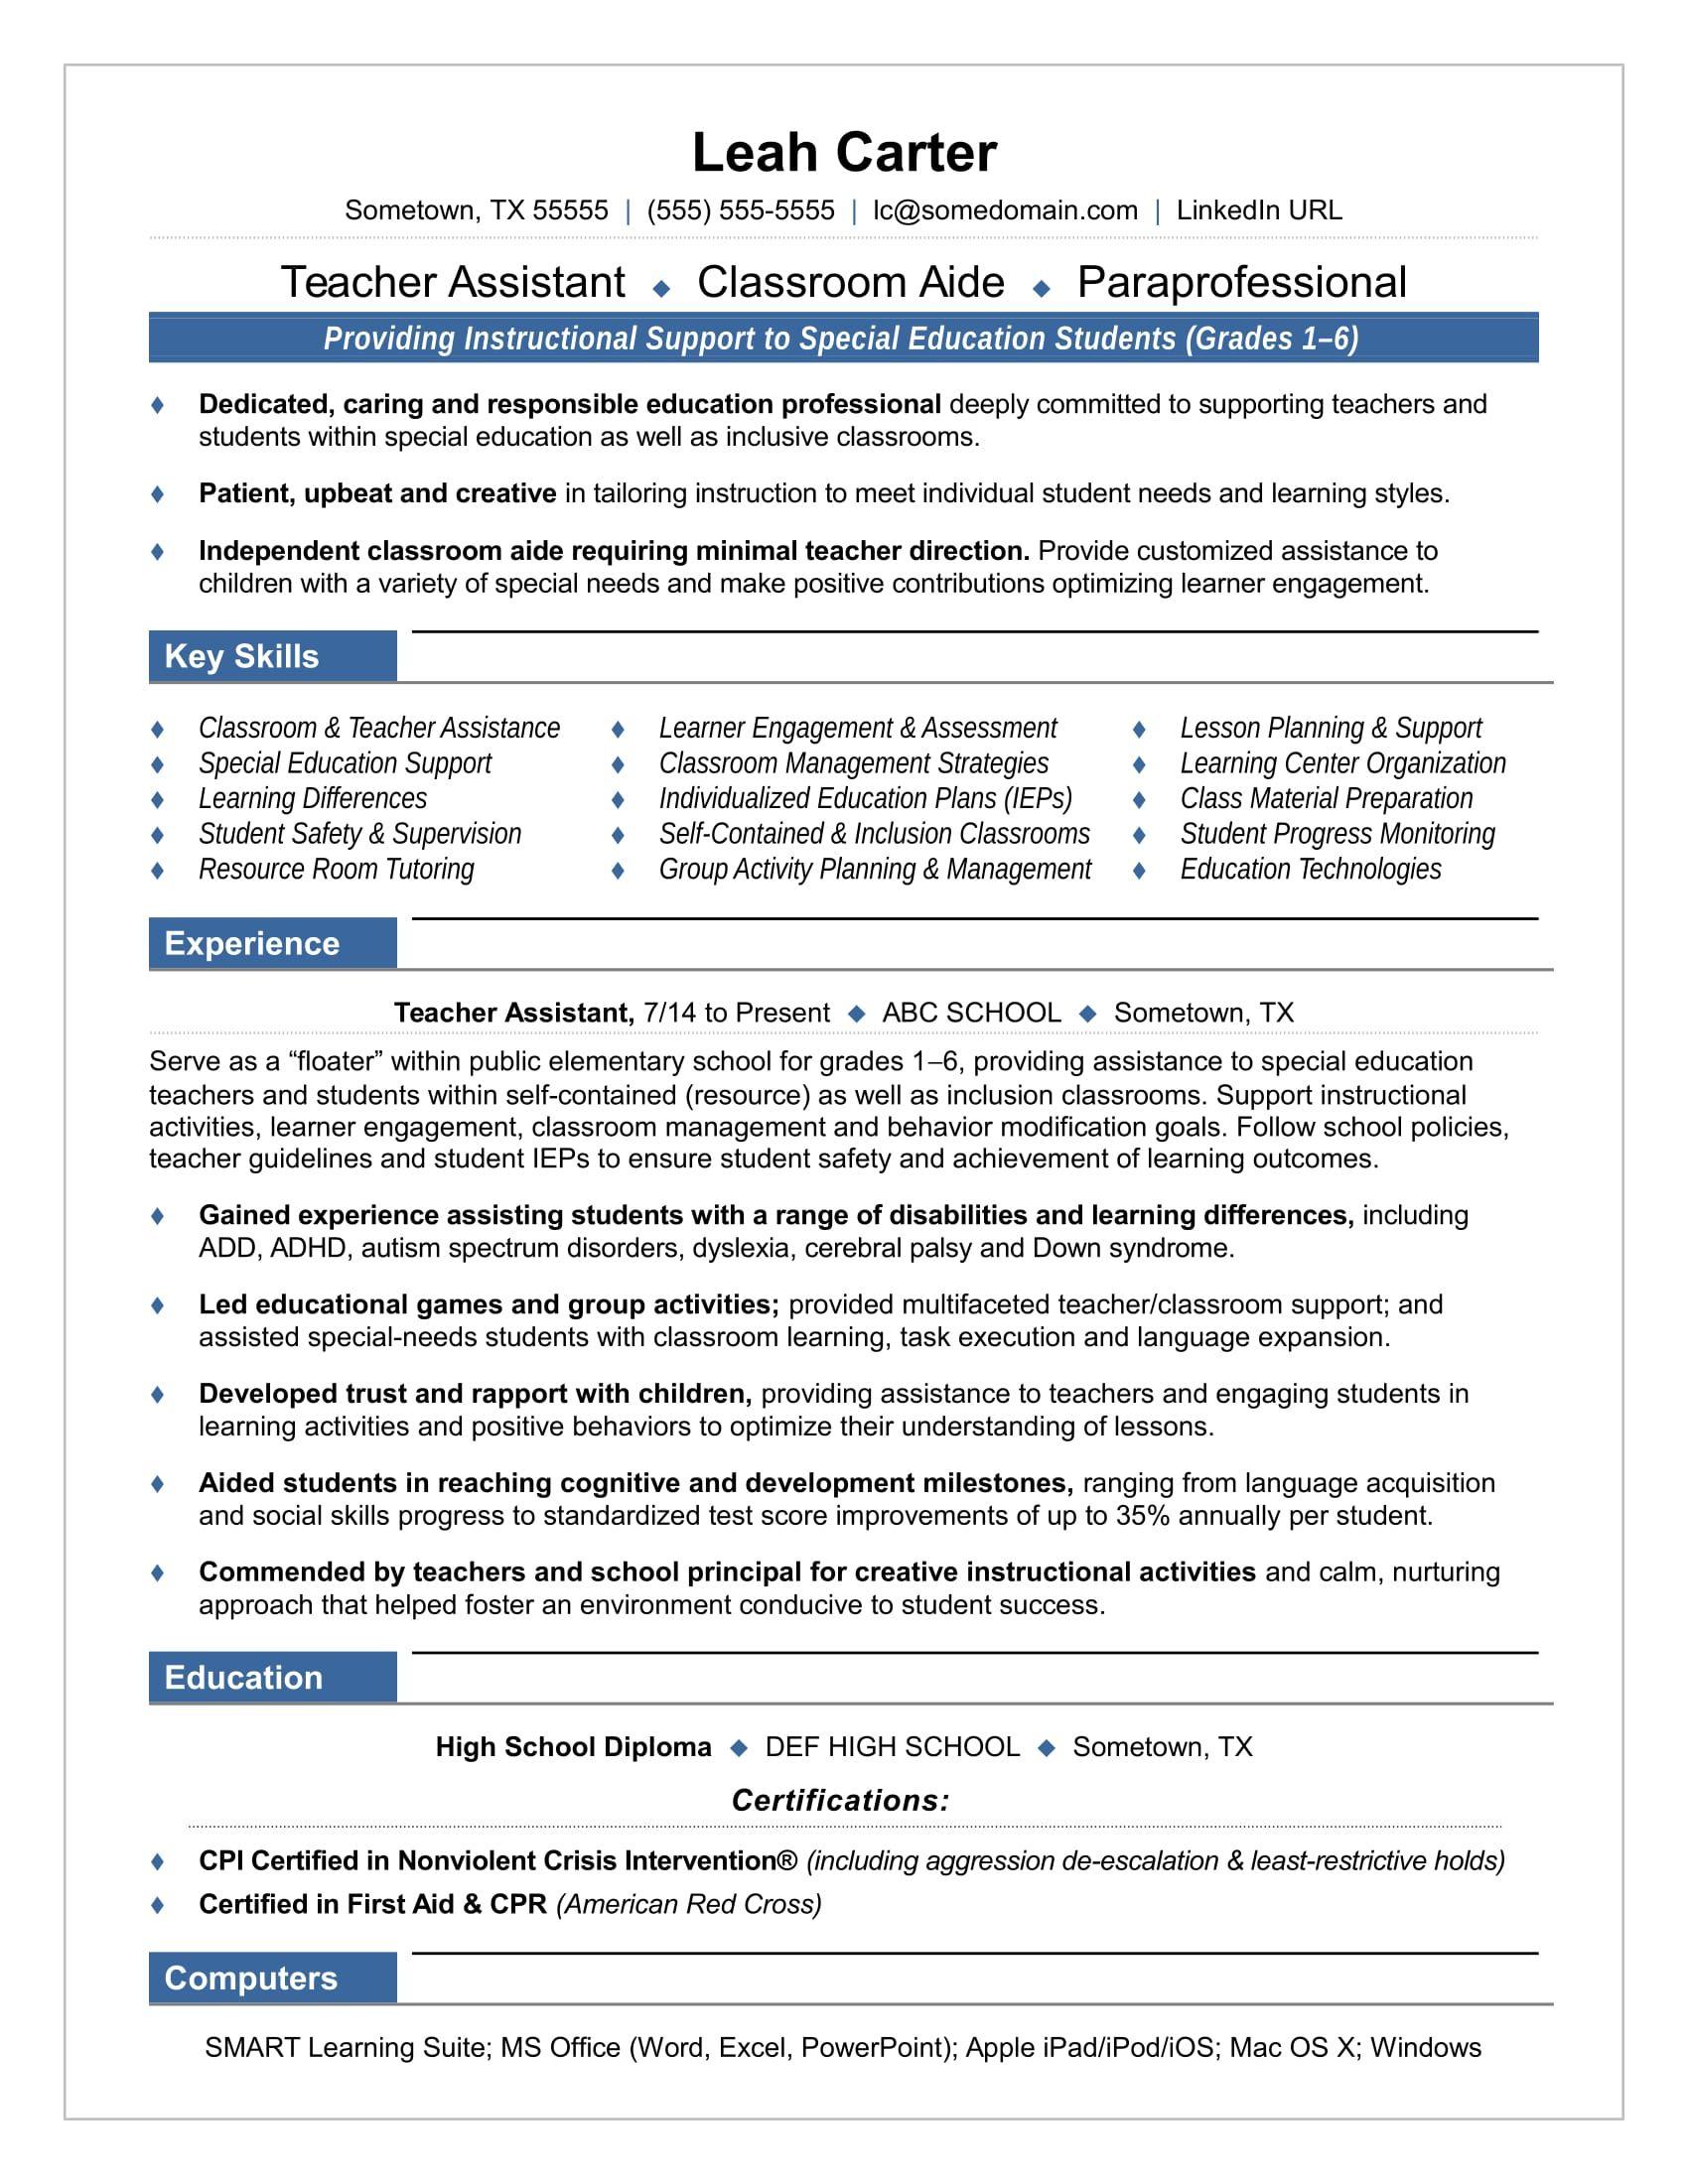 Teacher Assistant Resume Sample Teacher Resume Examples Teaching Resume Preschool Teacher Resume